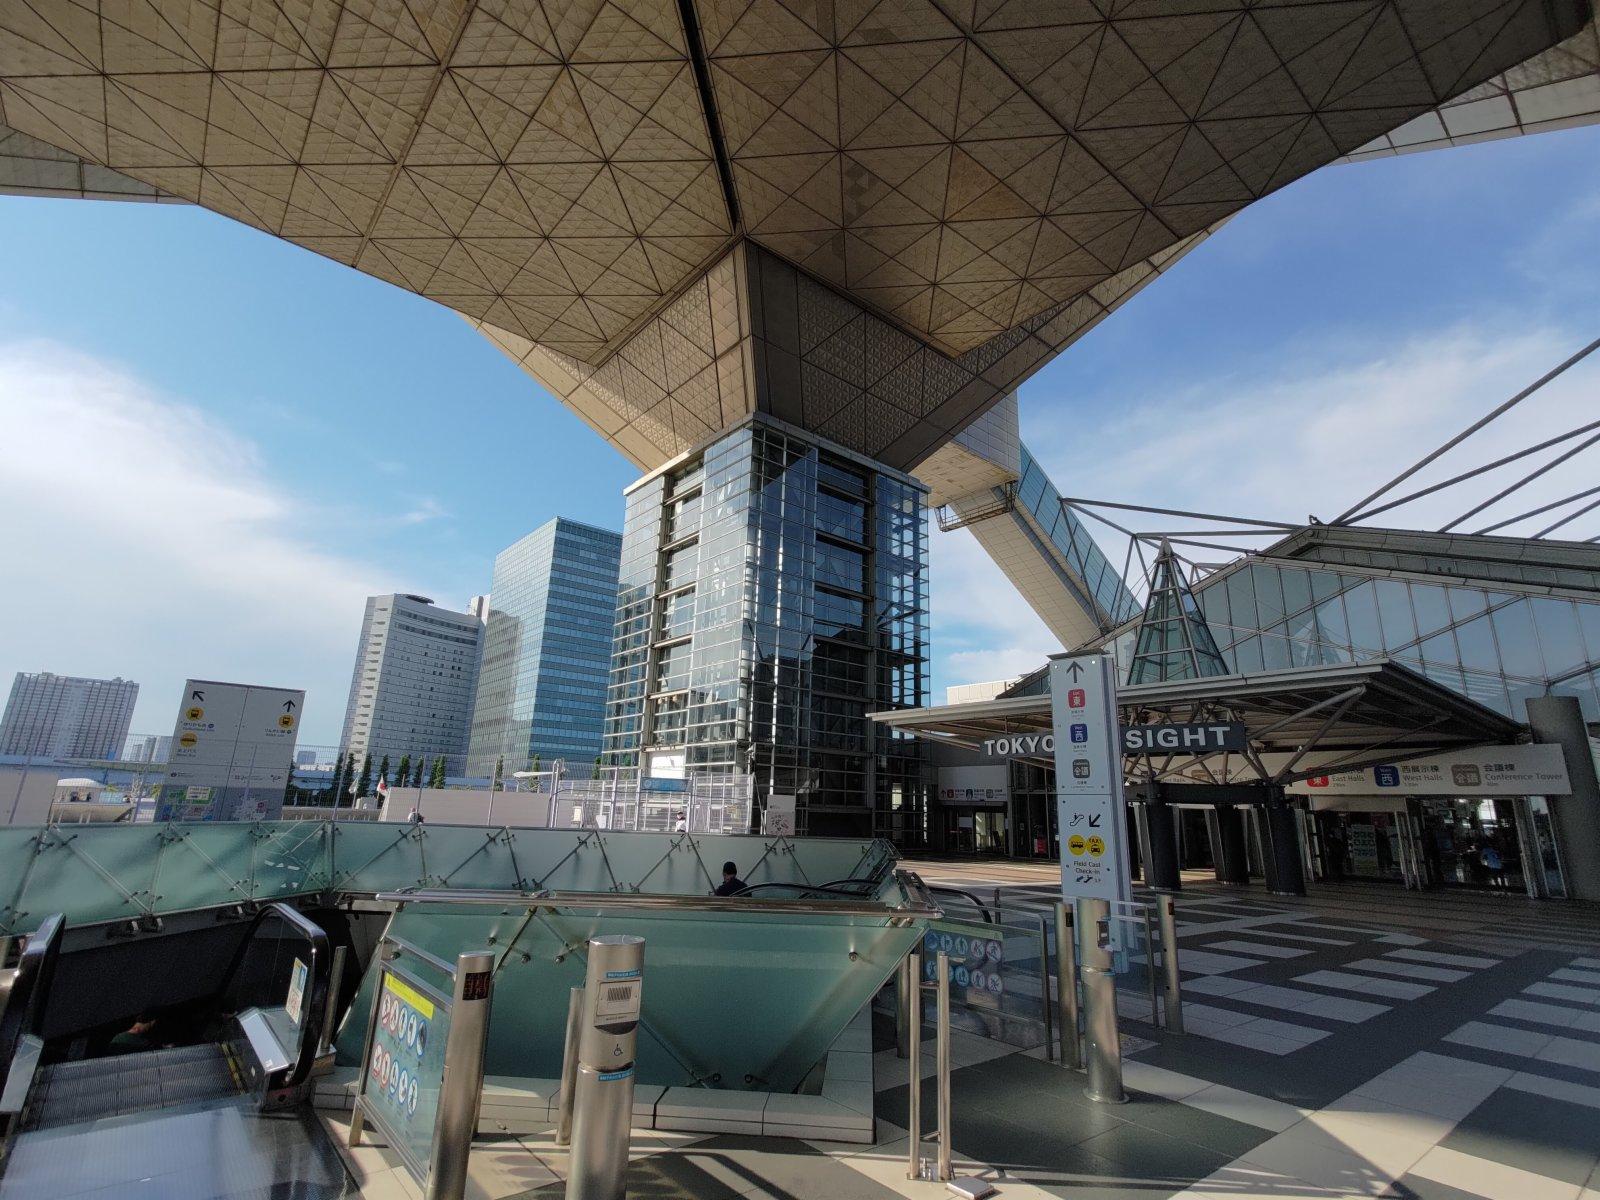 傳媒中心(MPC)和國際廣播中心(IBC)外景,該地為東京有明會議展覽中心